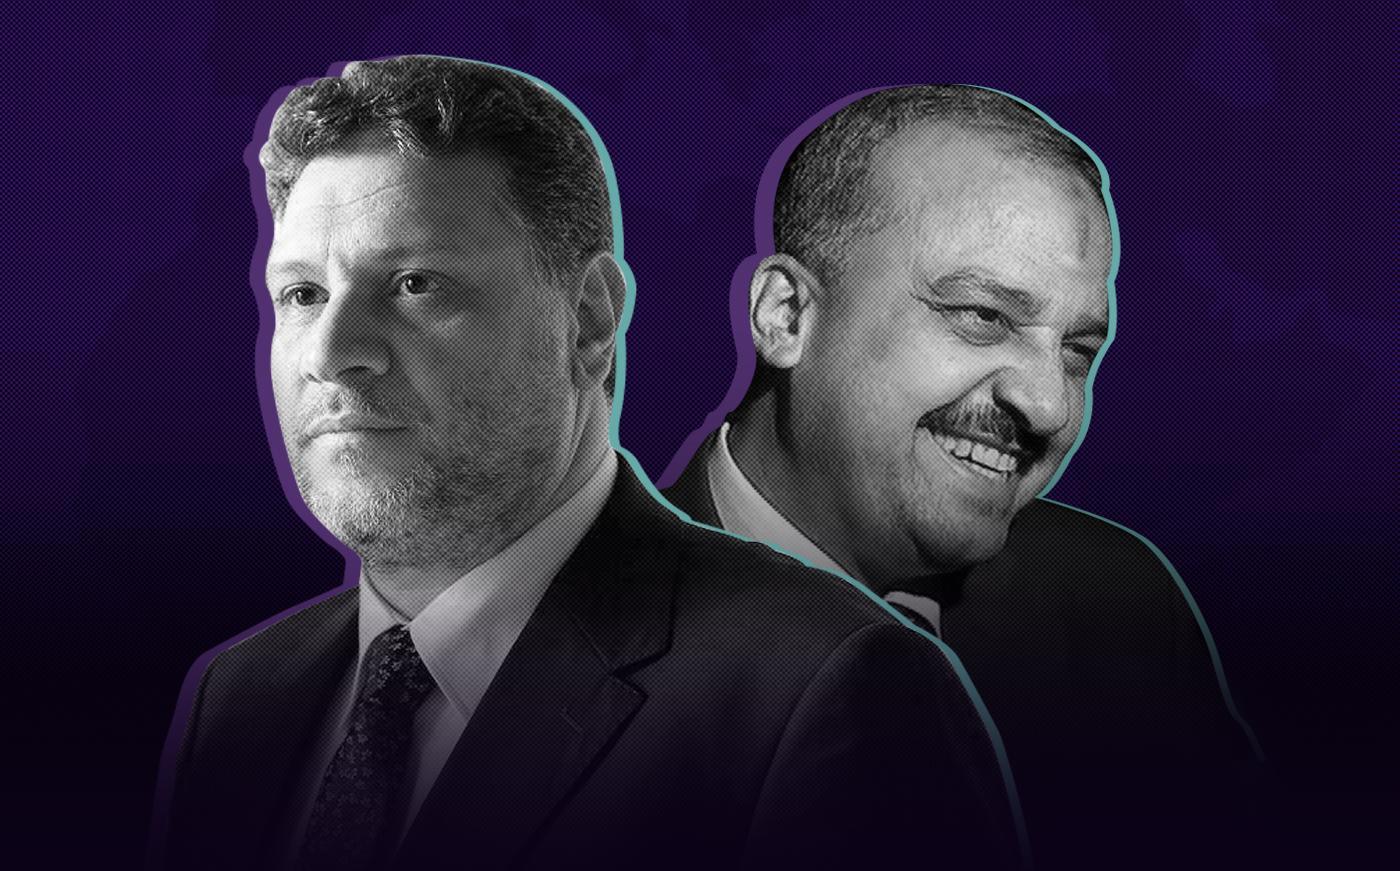 النائبان السابقان أسامة ياسين و محمد البلتاجي من بين 12 شخصية معارضة محكوم عليهم بالإعدام في مصر